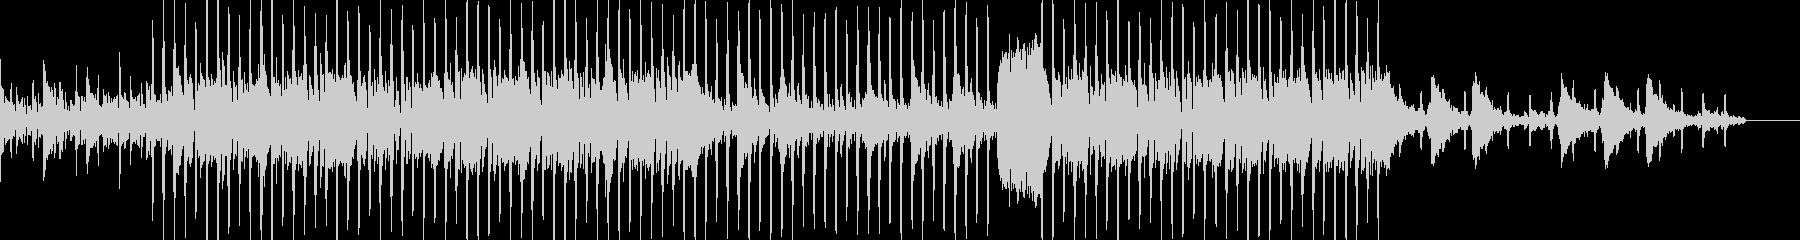 プレゼンPVのオープニング風楽曲の未再生の波形